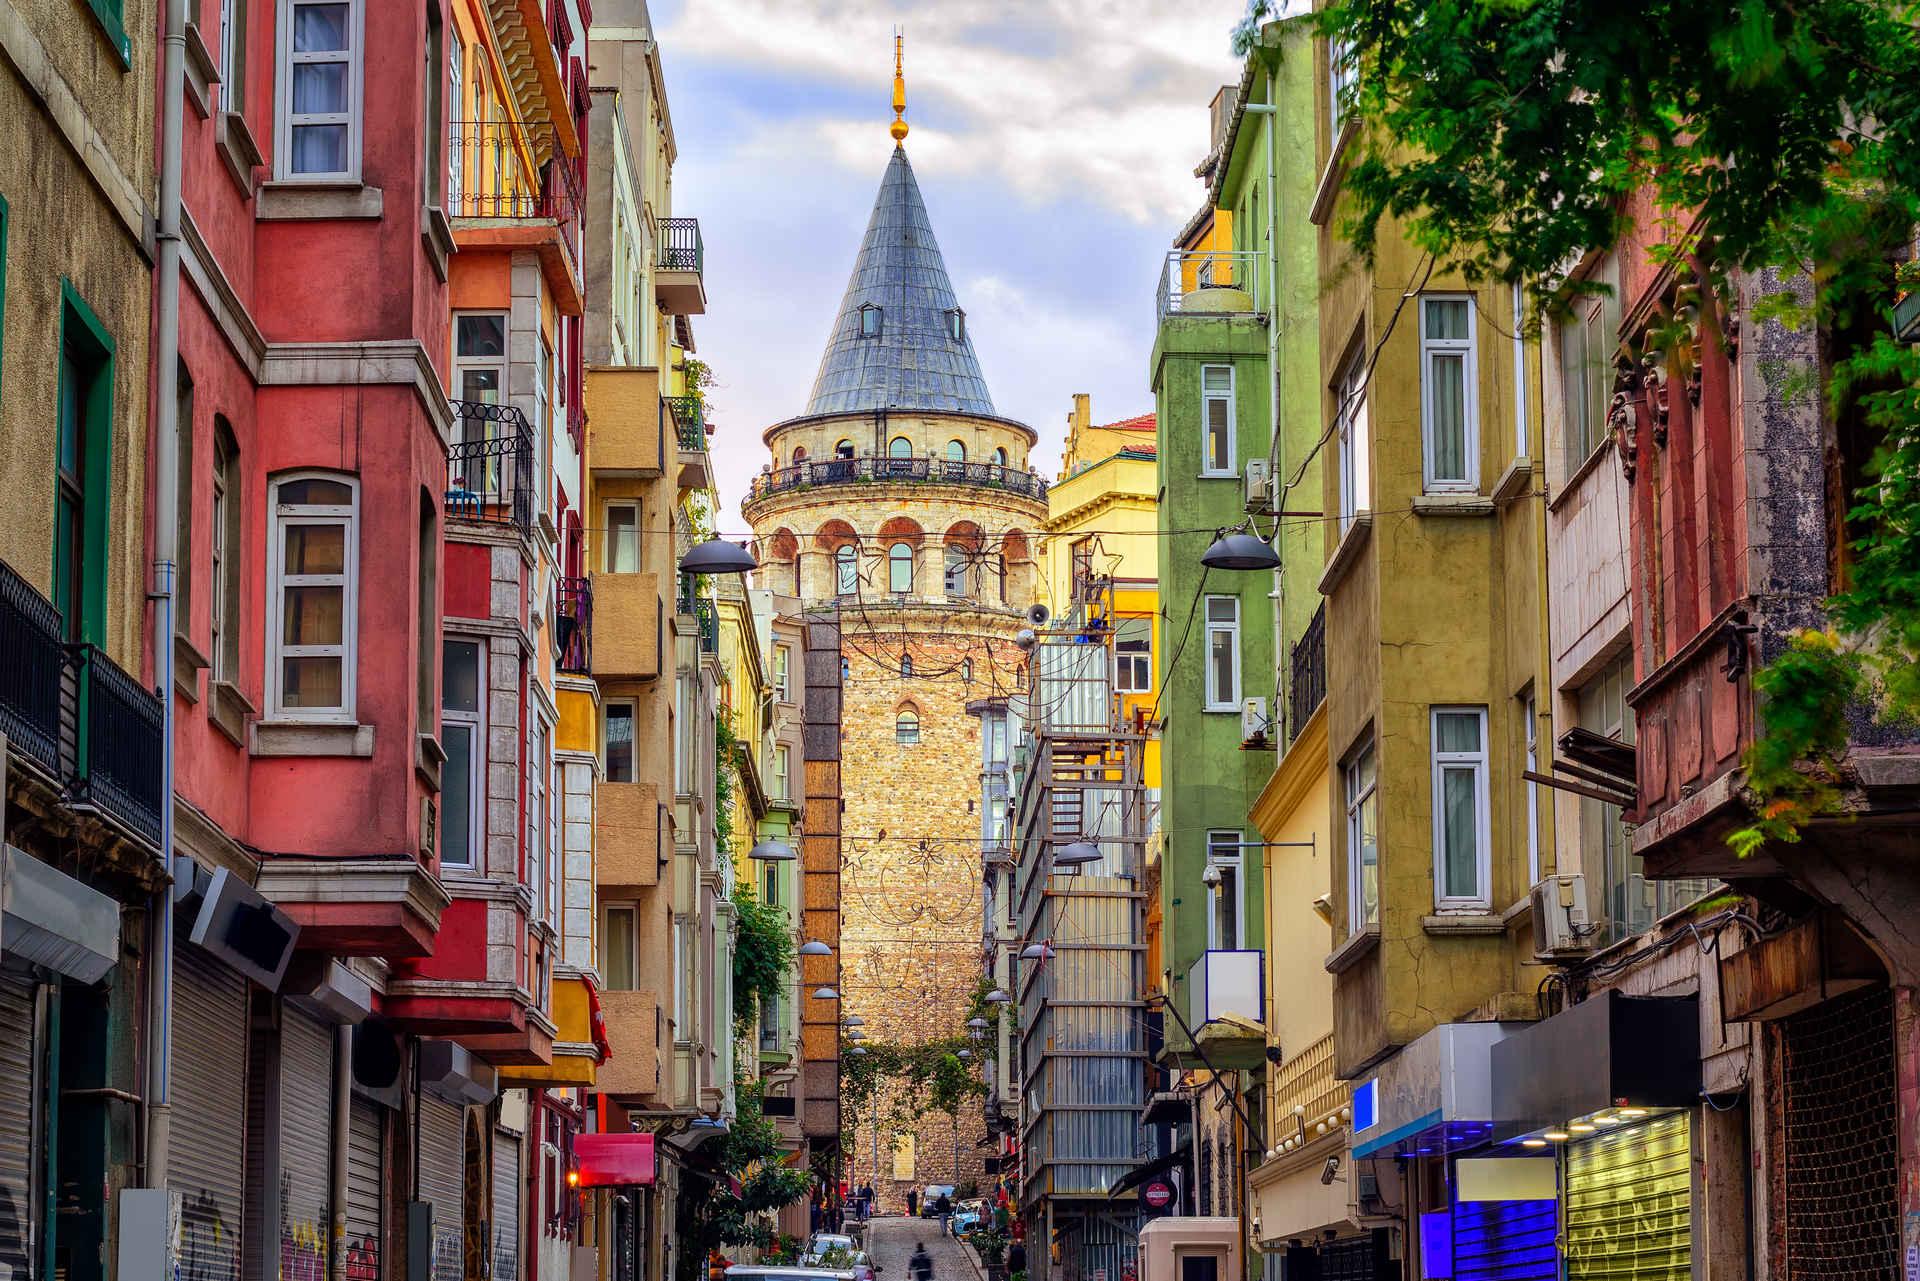 Турция на 8 марта: Стамбул и Каппадокия